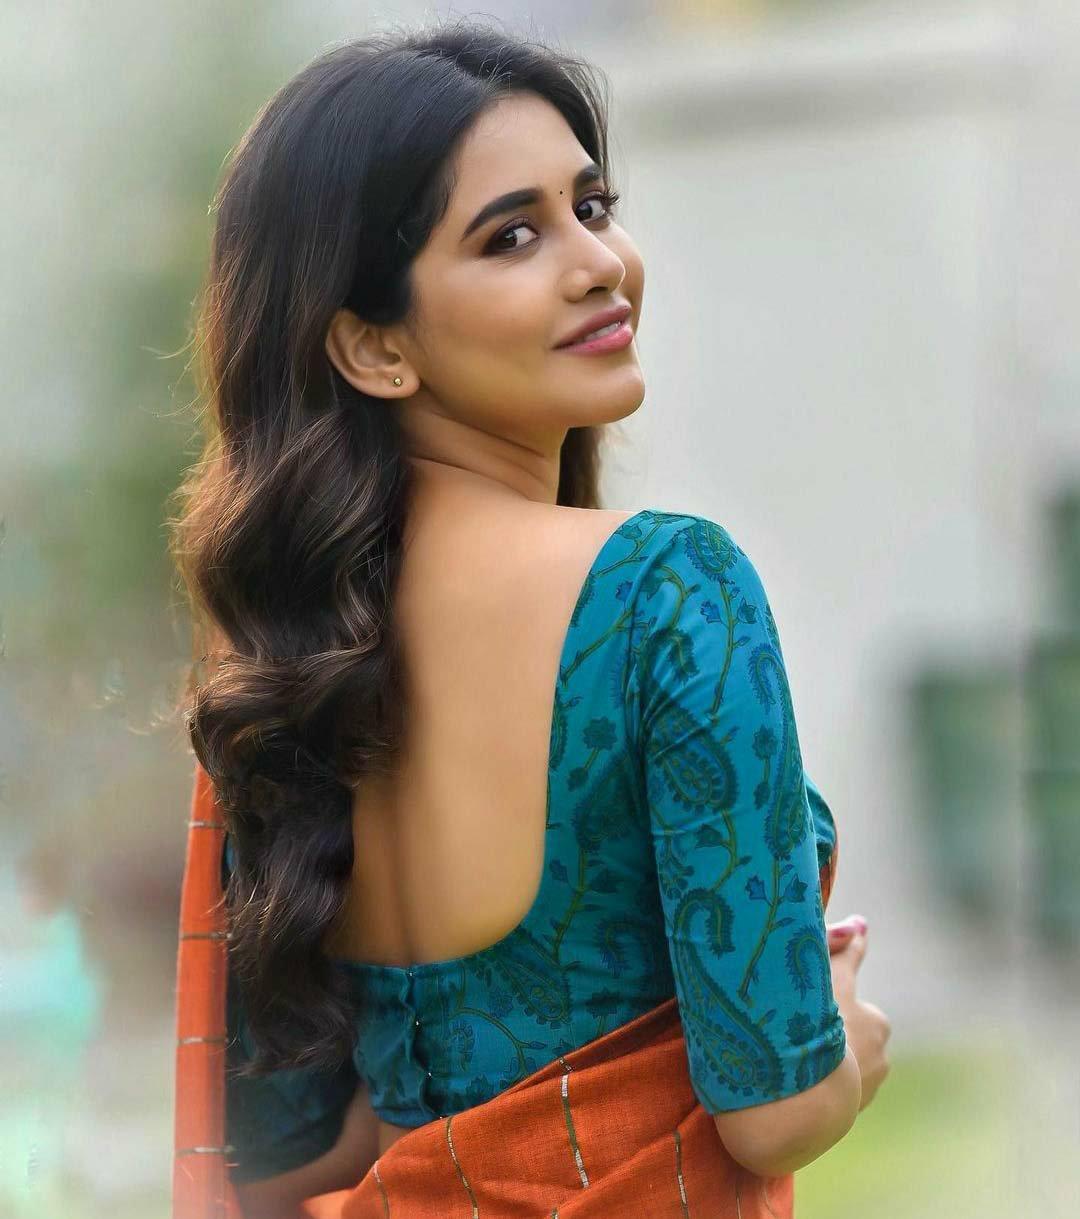 Nabha natesh hot in saree